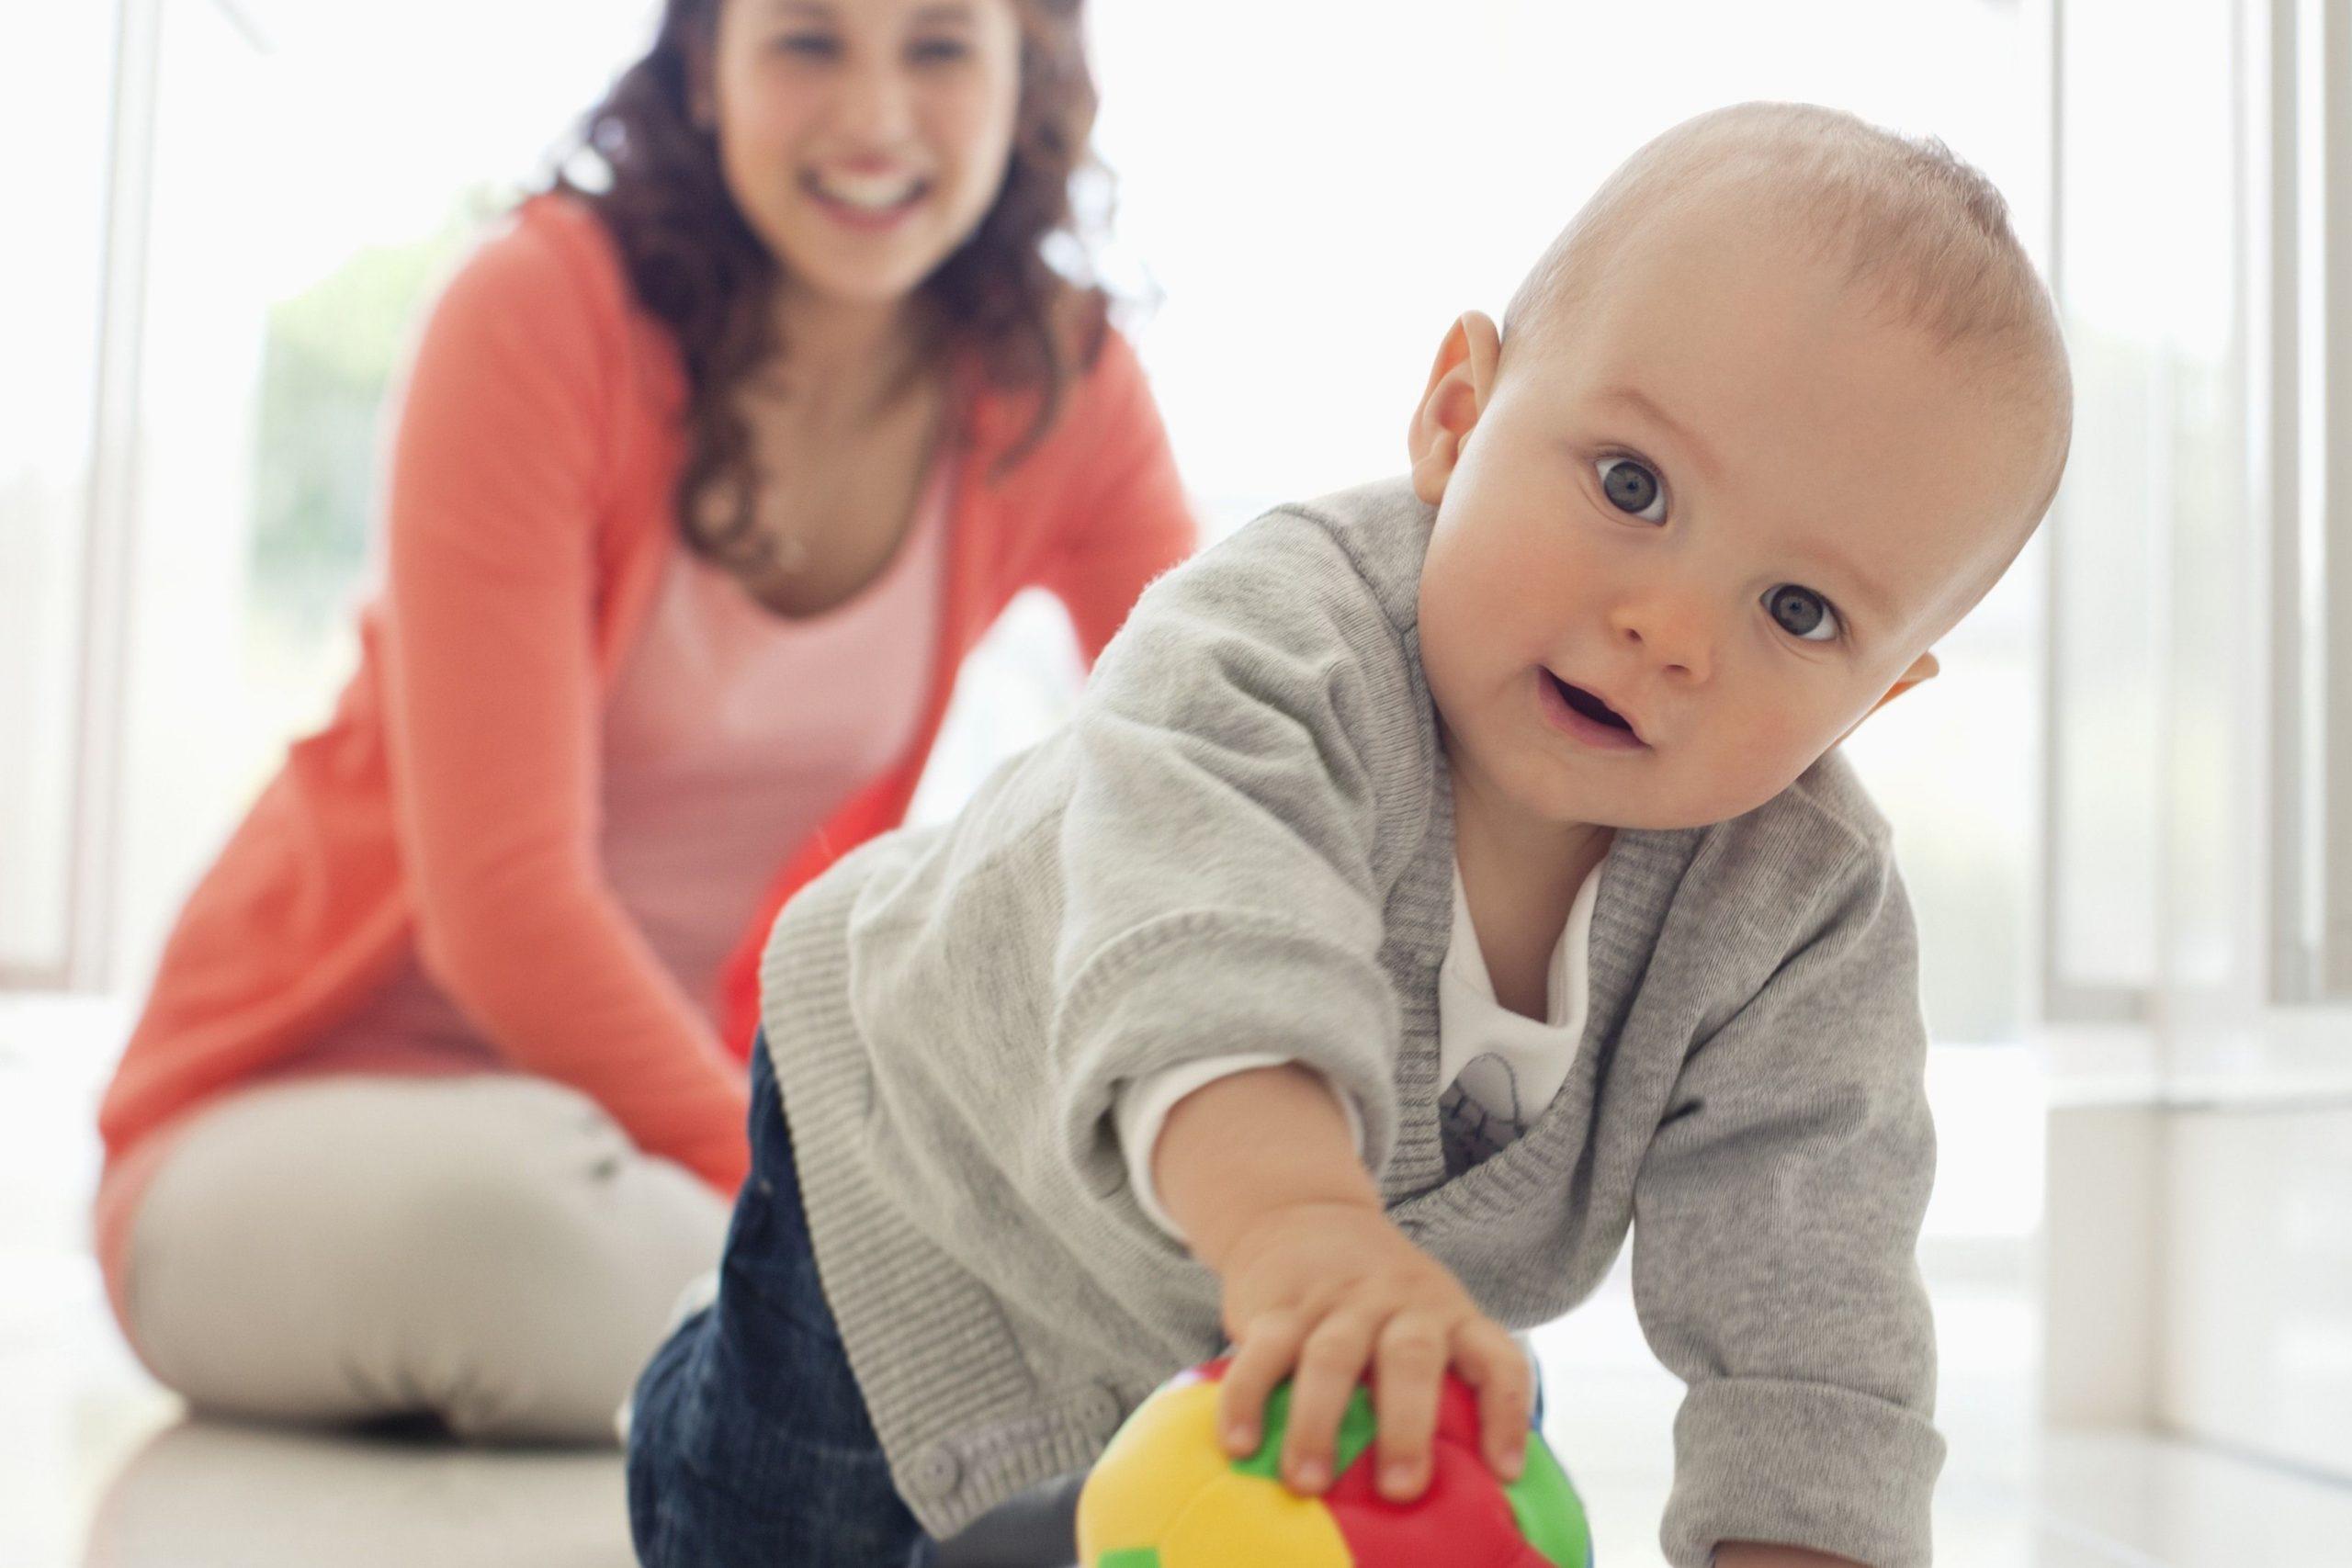 Bébé A 9 Mois : Développement, Motricité, Éveil, Santé à Jeux Eveil Bebe 2 Mois